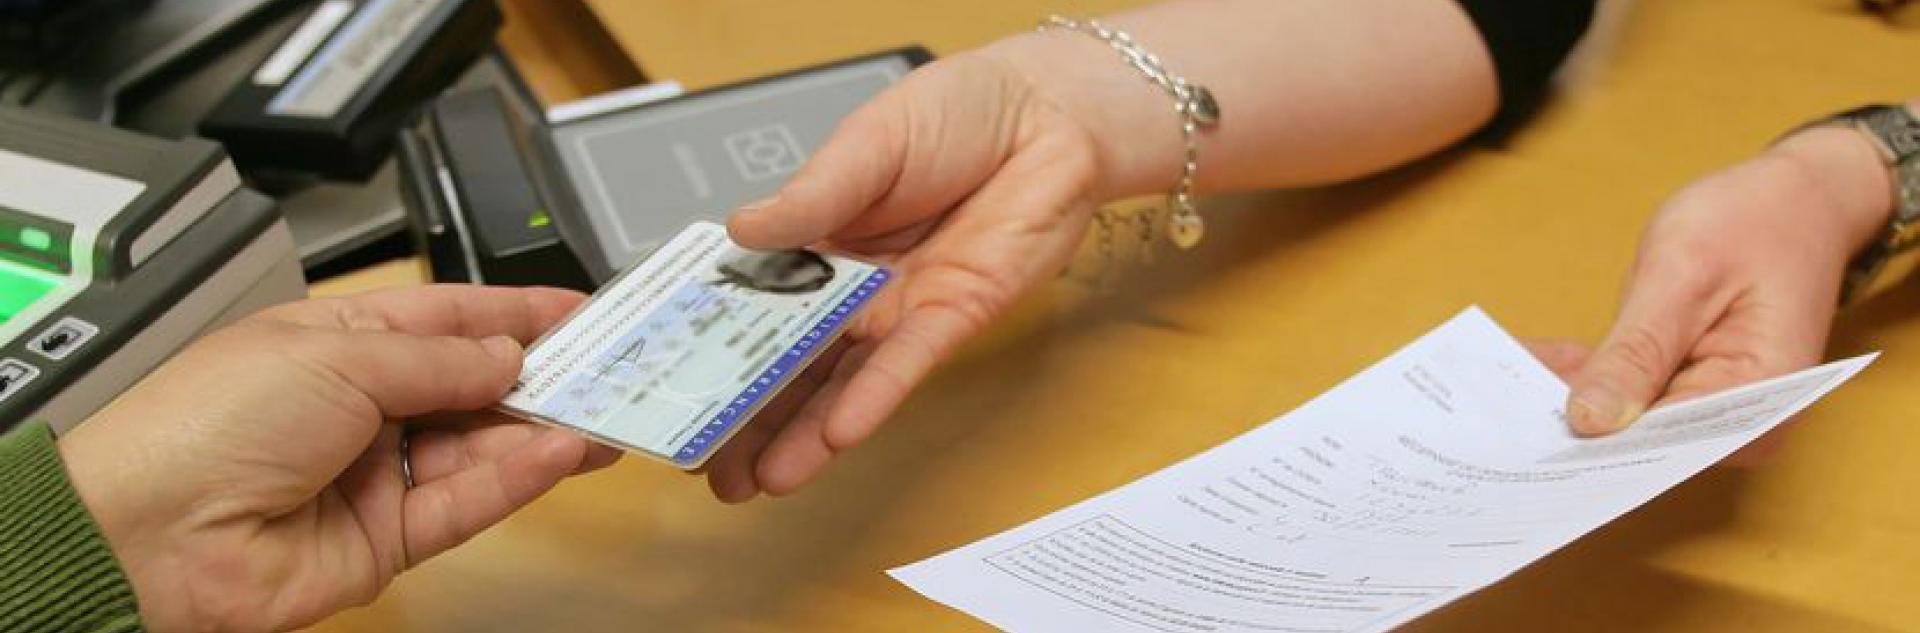 Etat civil, identité, papiers